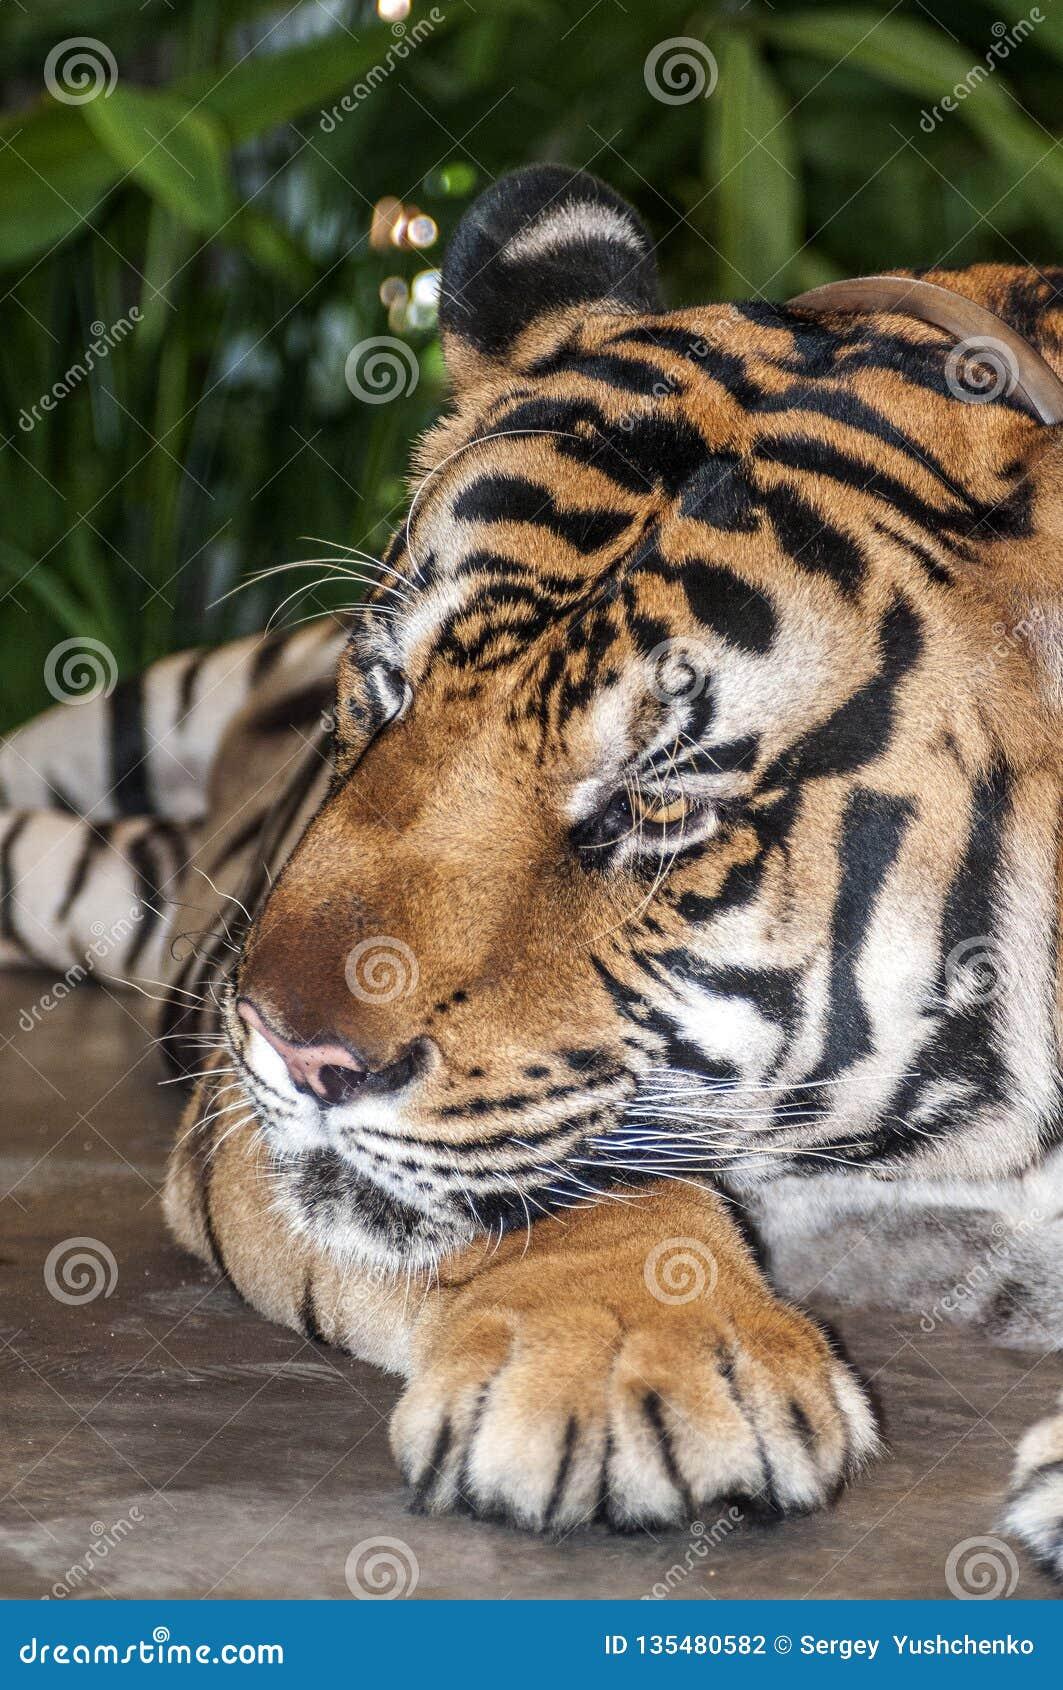 Tygrys jest wielkim i niebezpiecznym carnivore kot rodzina